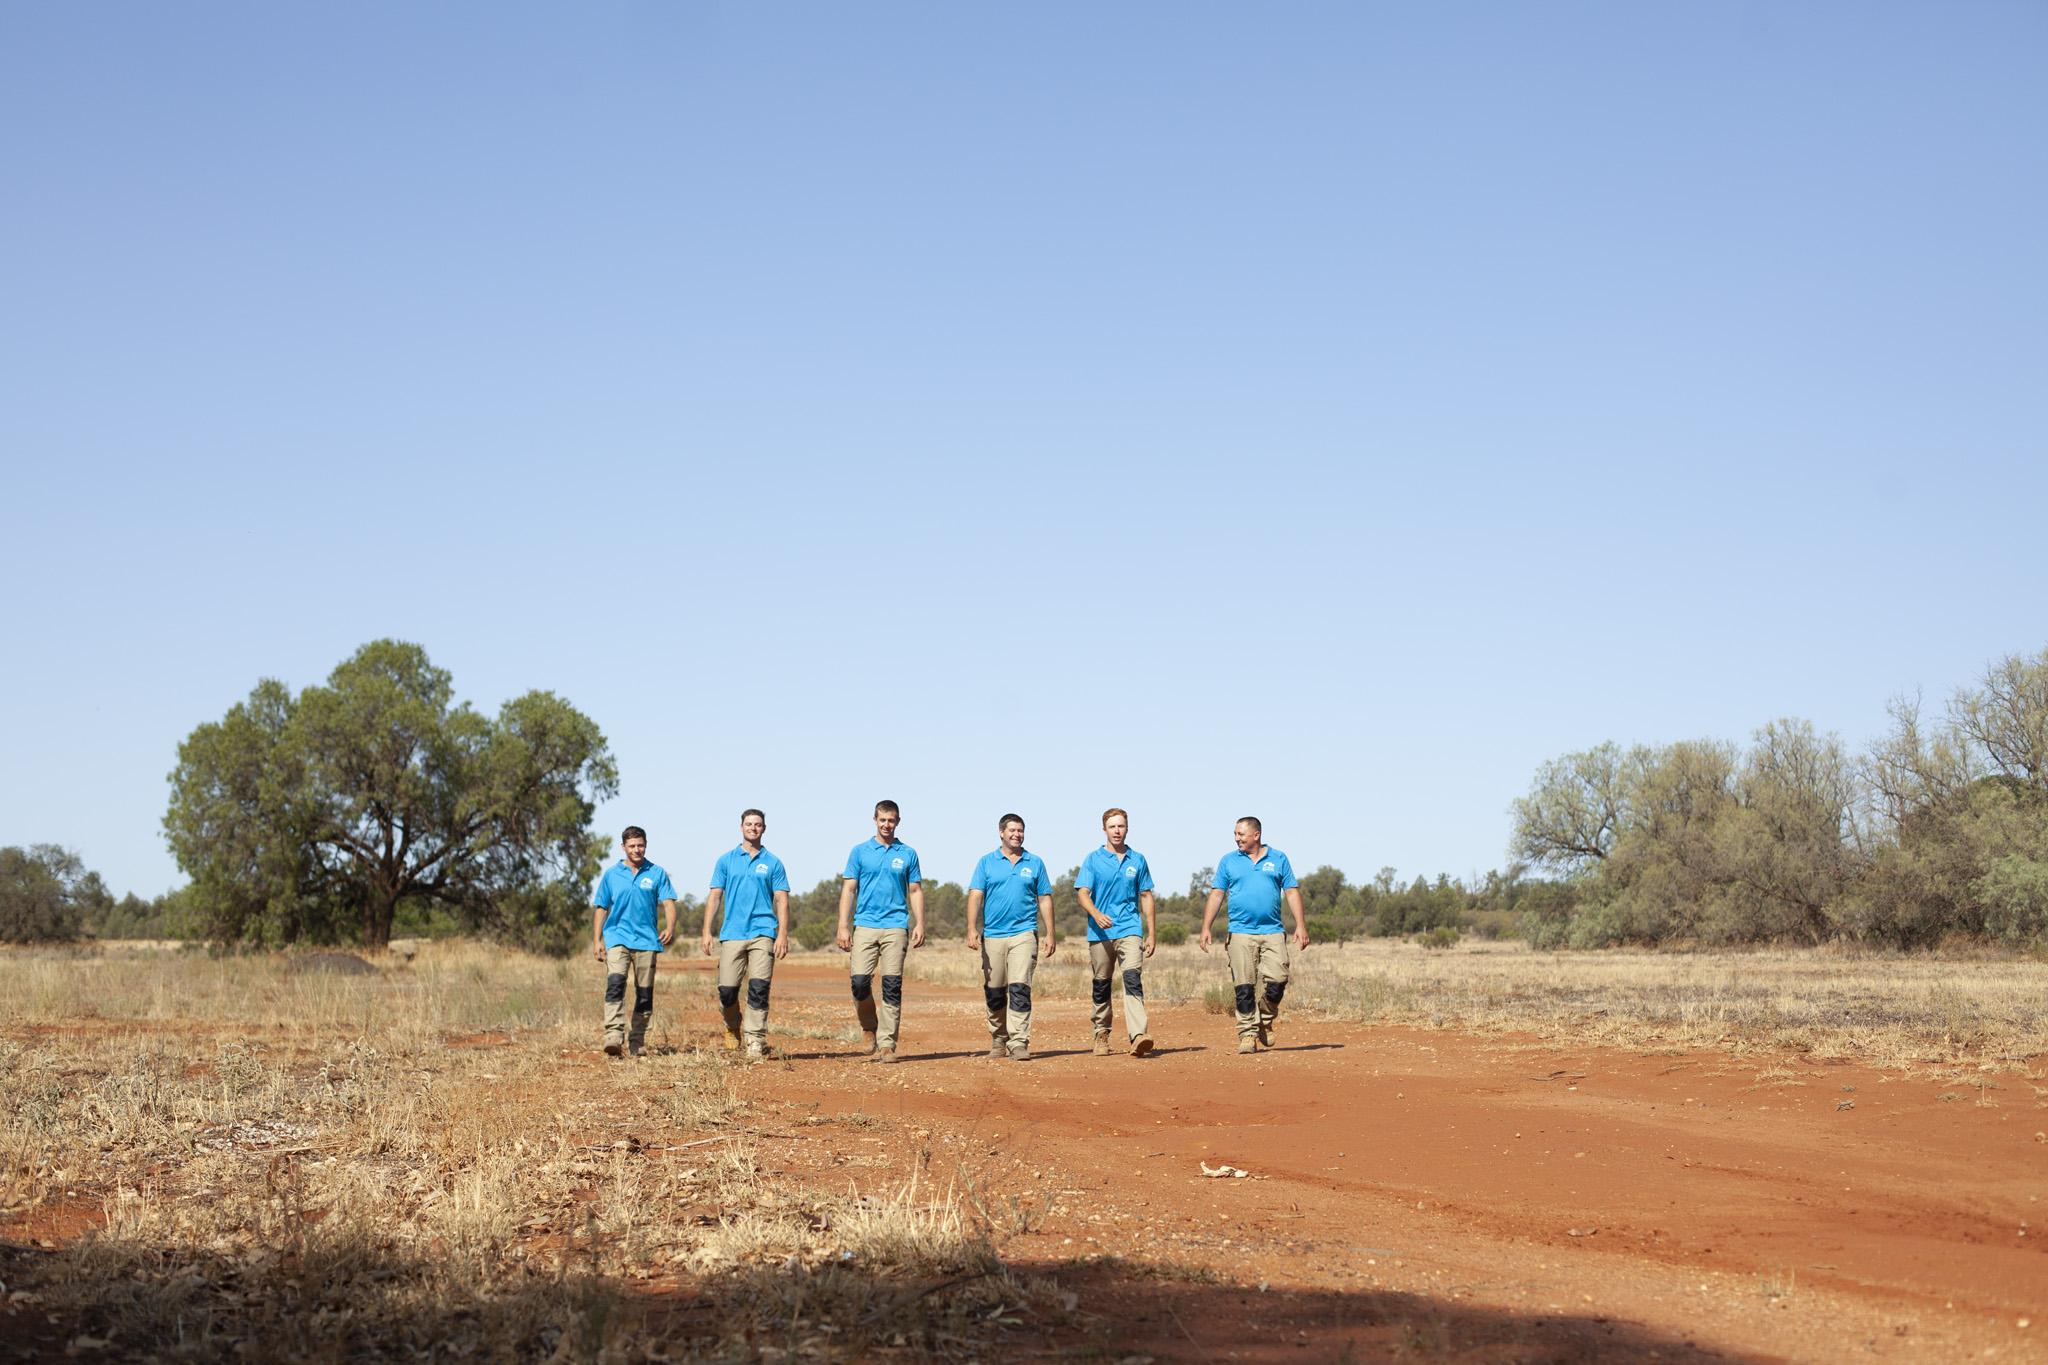 Team Walking 02 - Outback Builders [Jan 2020] WEB